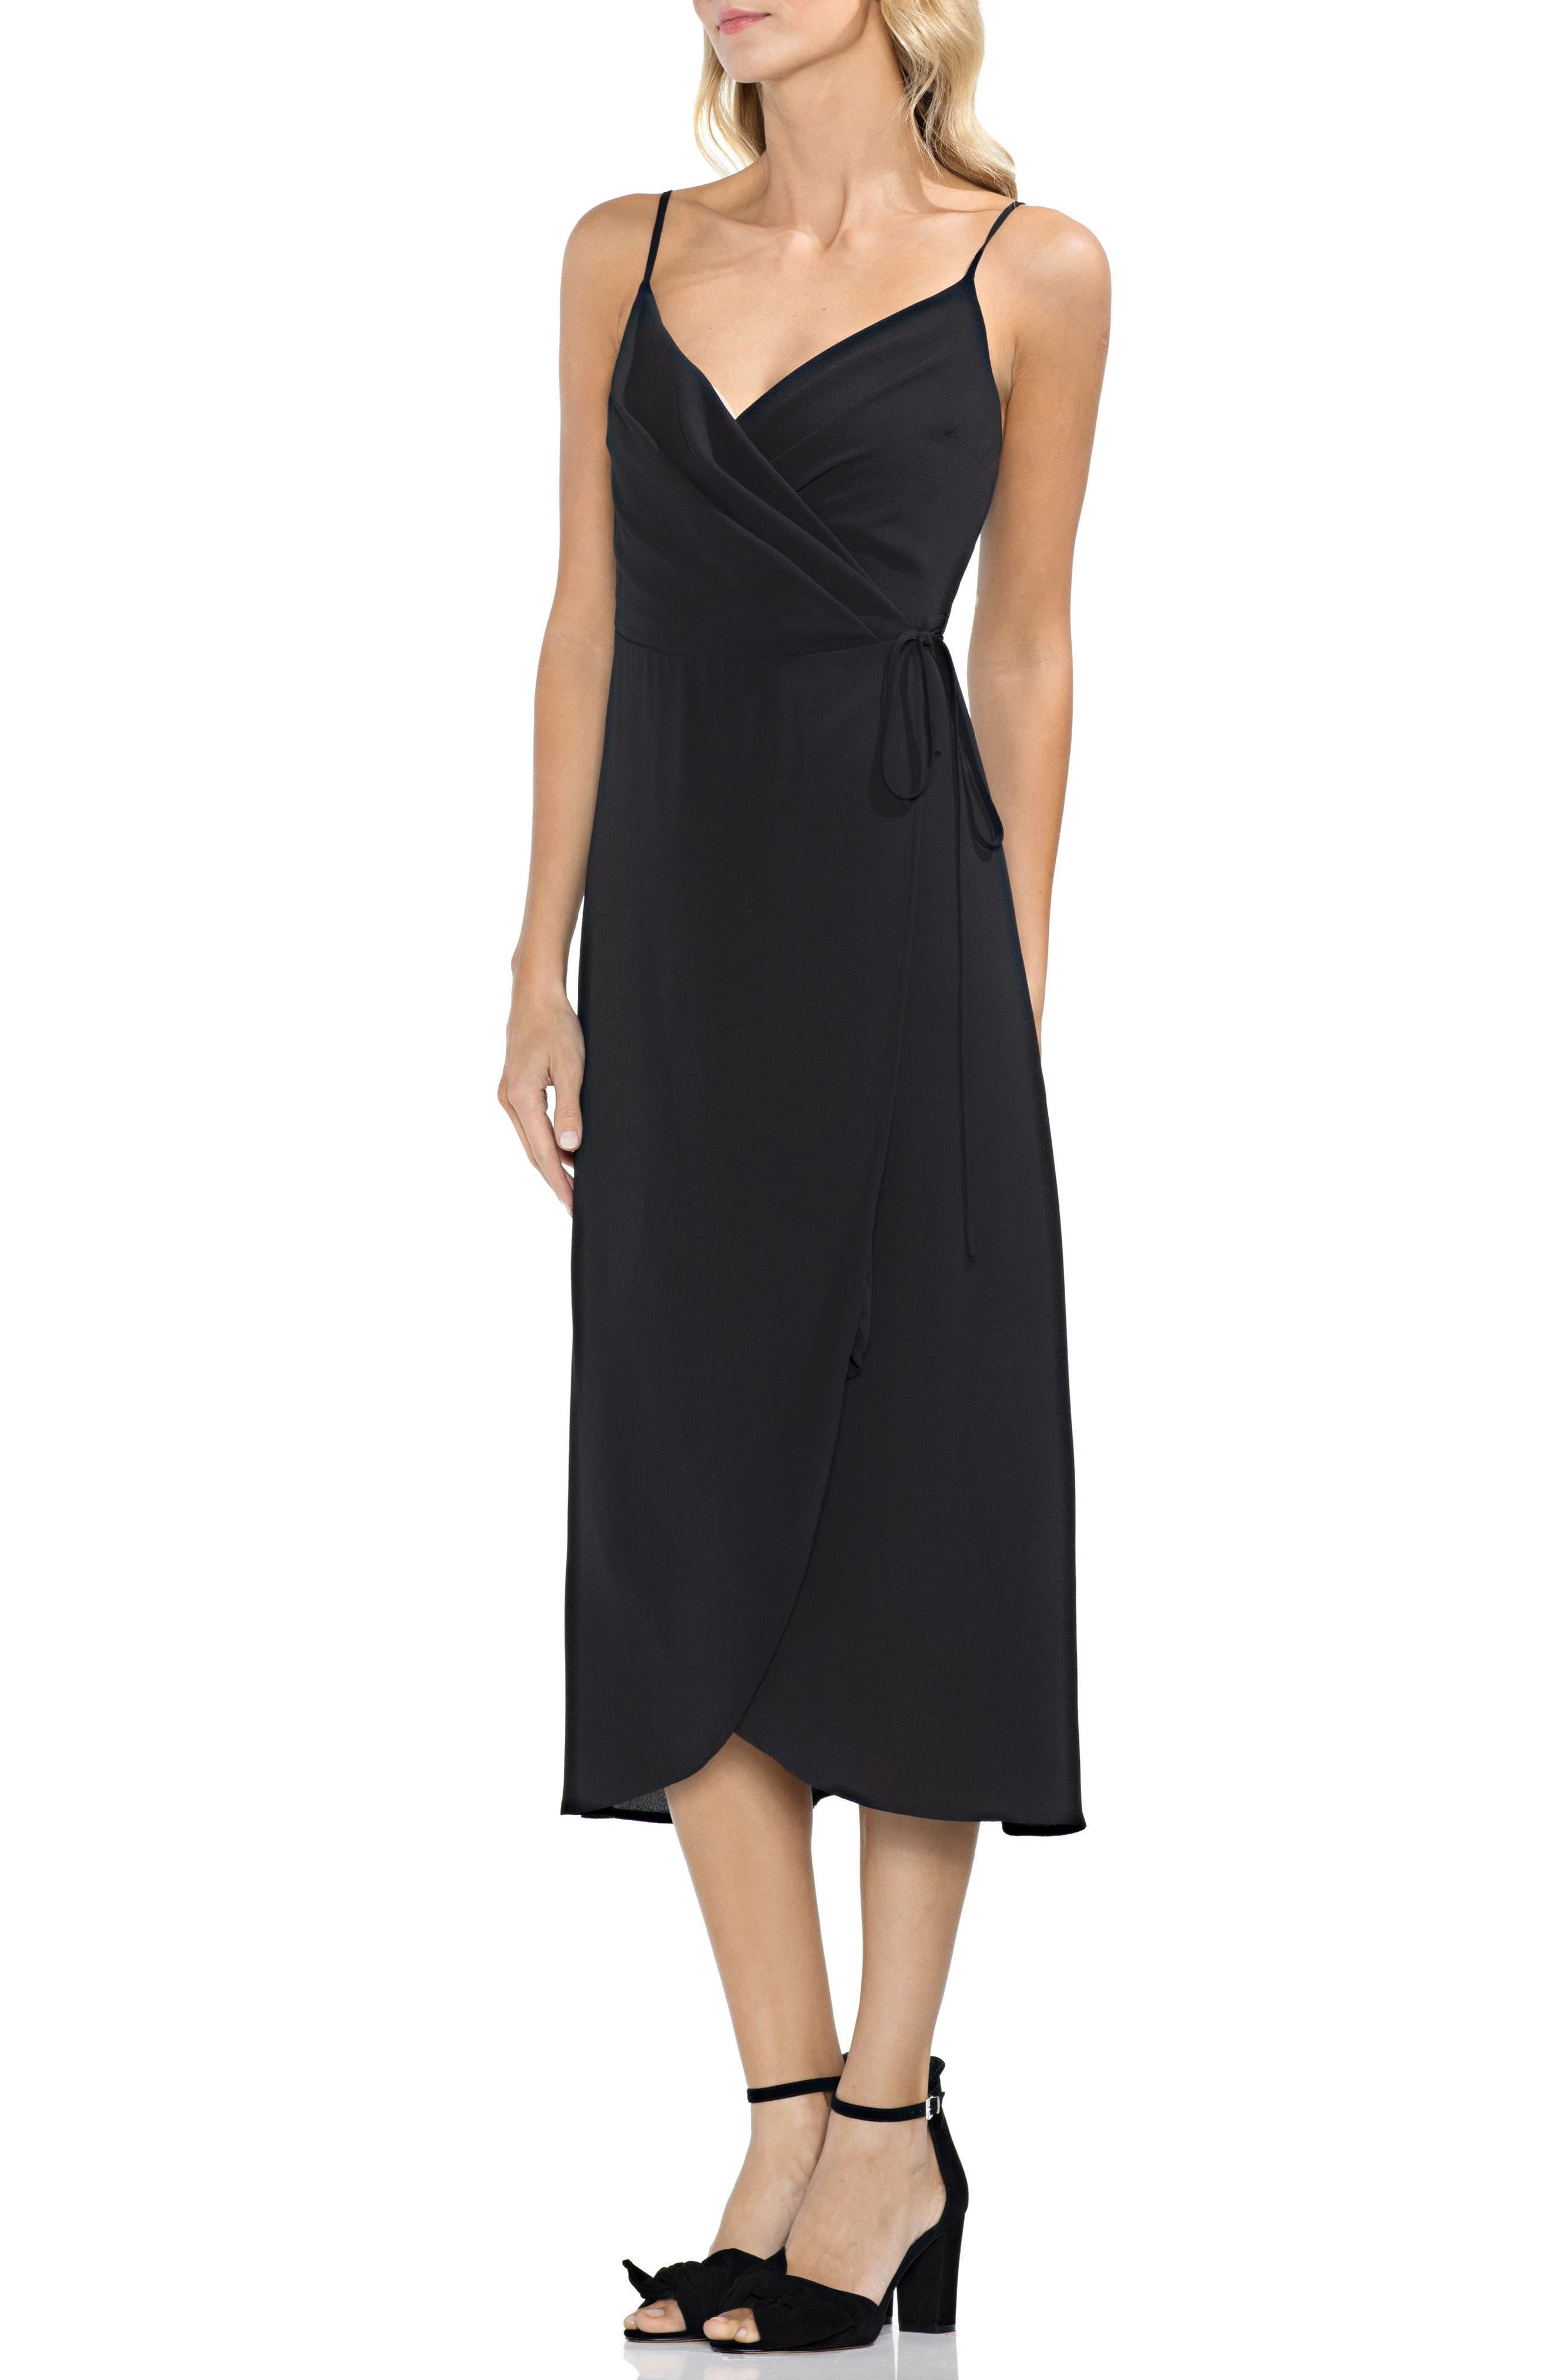 VINCE CAMUTO Soft Texture Faux Wrap Midi Dress, Main, color, 001